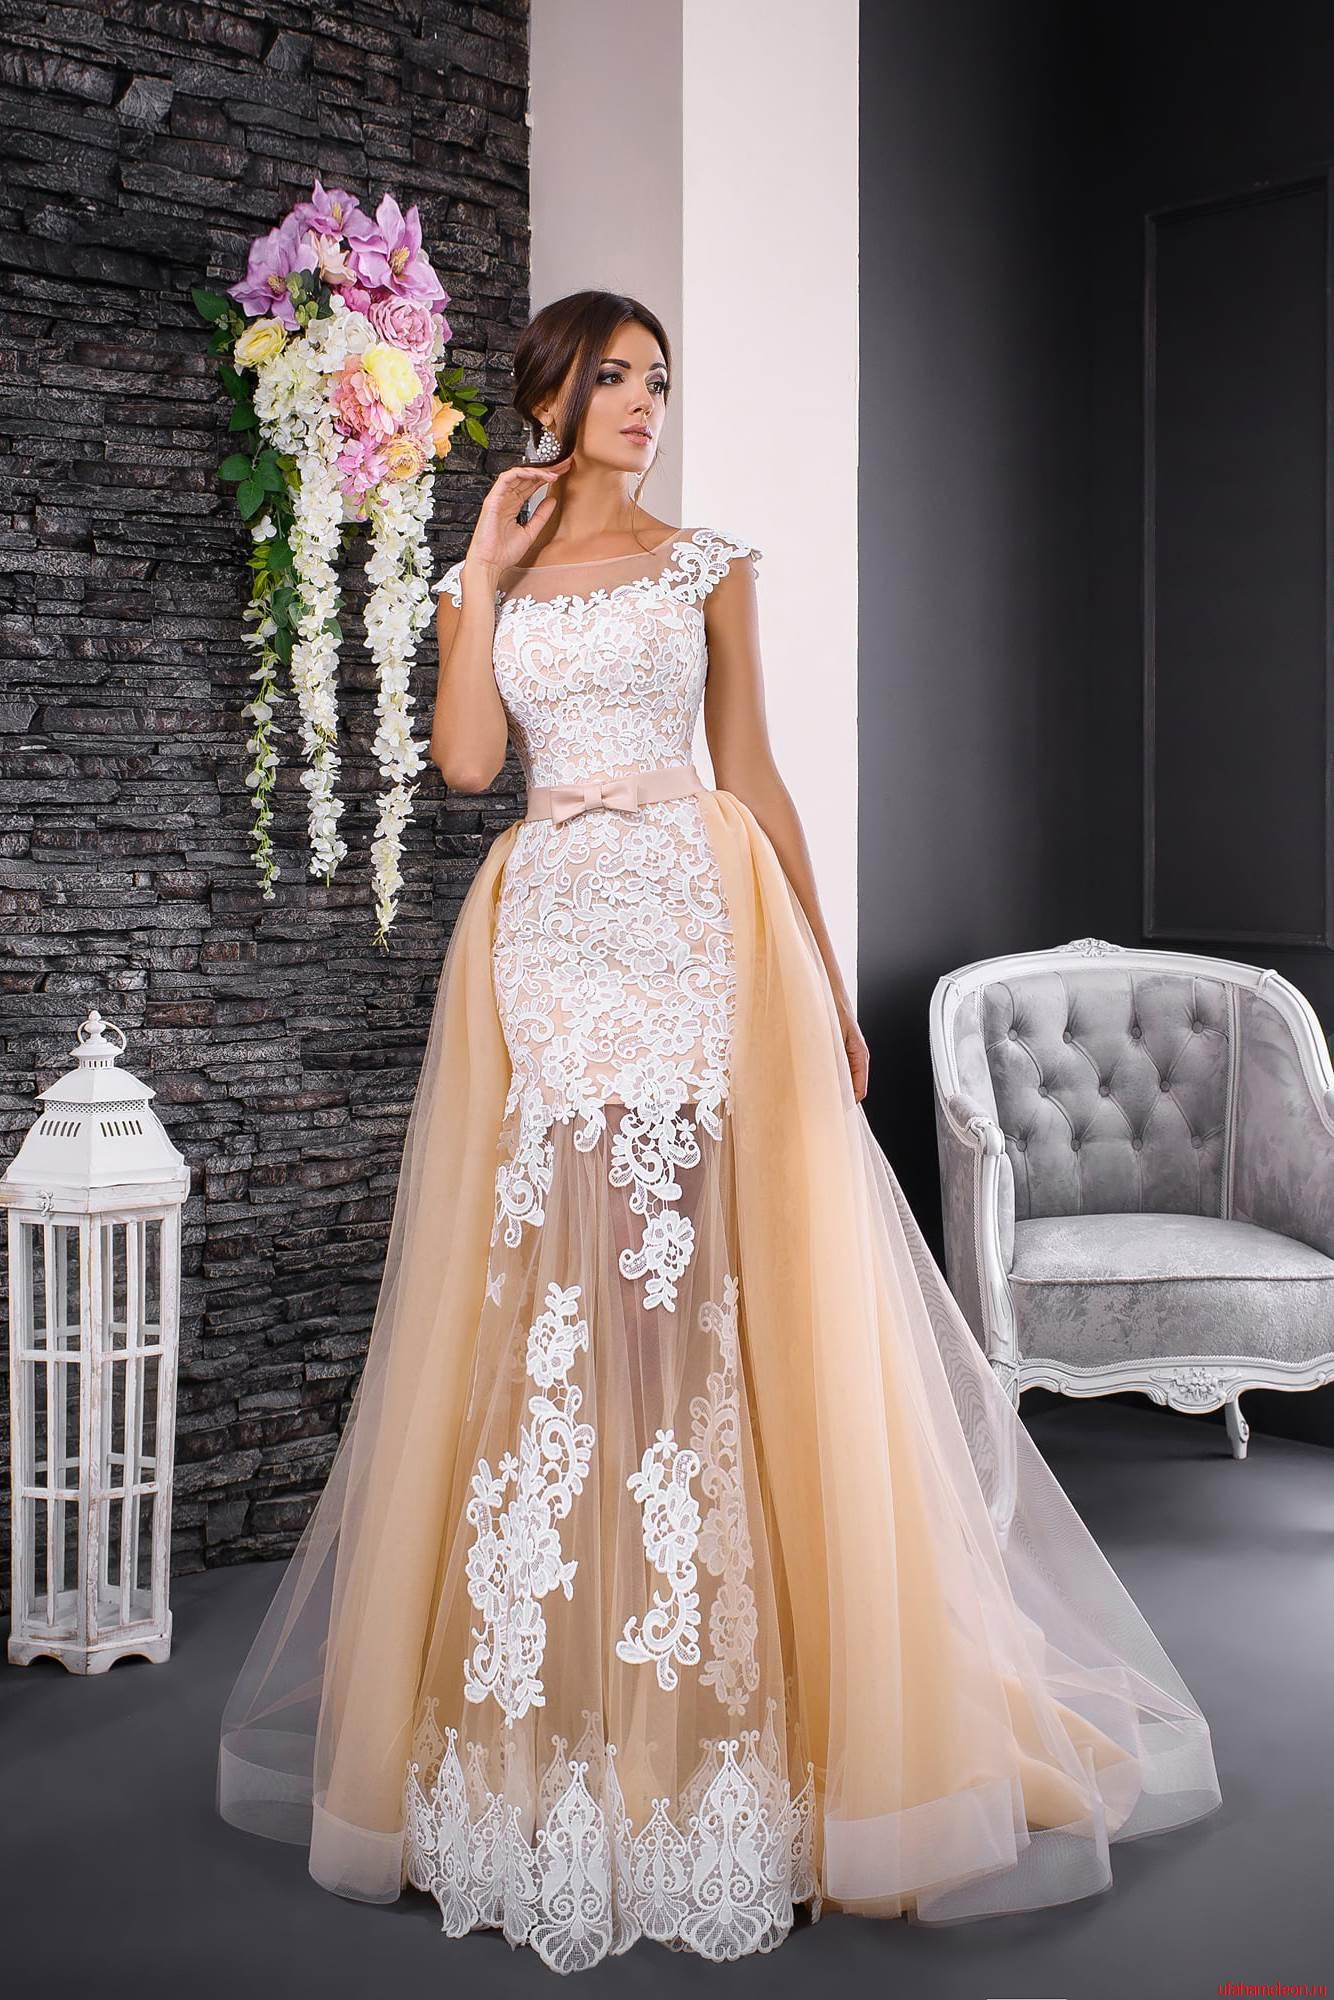 Свадебное платье трансформер в Санкт-Петербурге  фото, каталог ... a4e6d1b5582